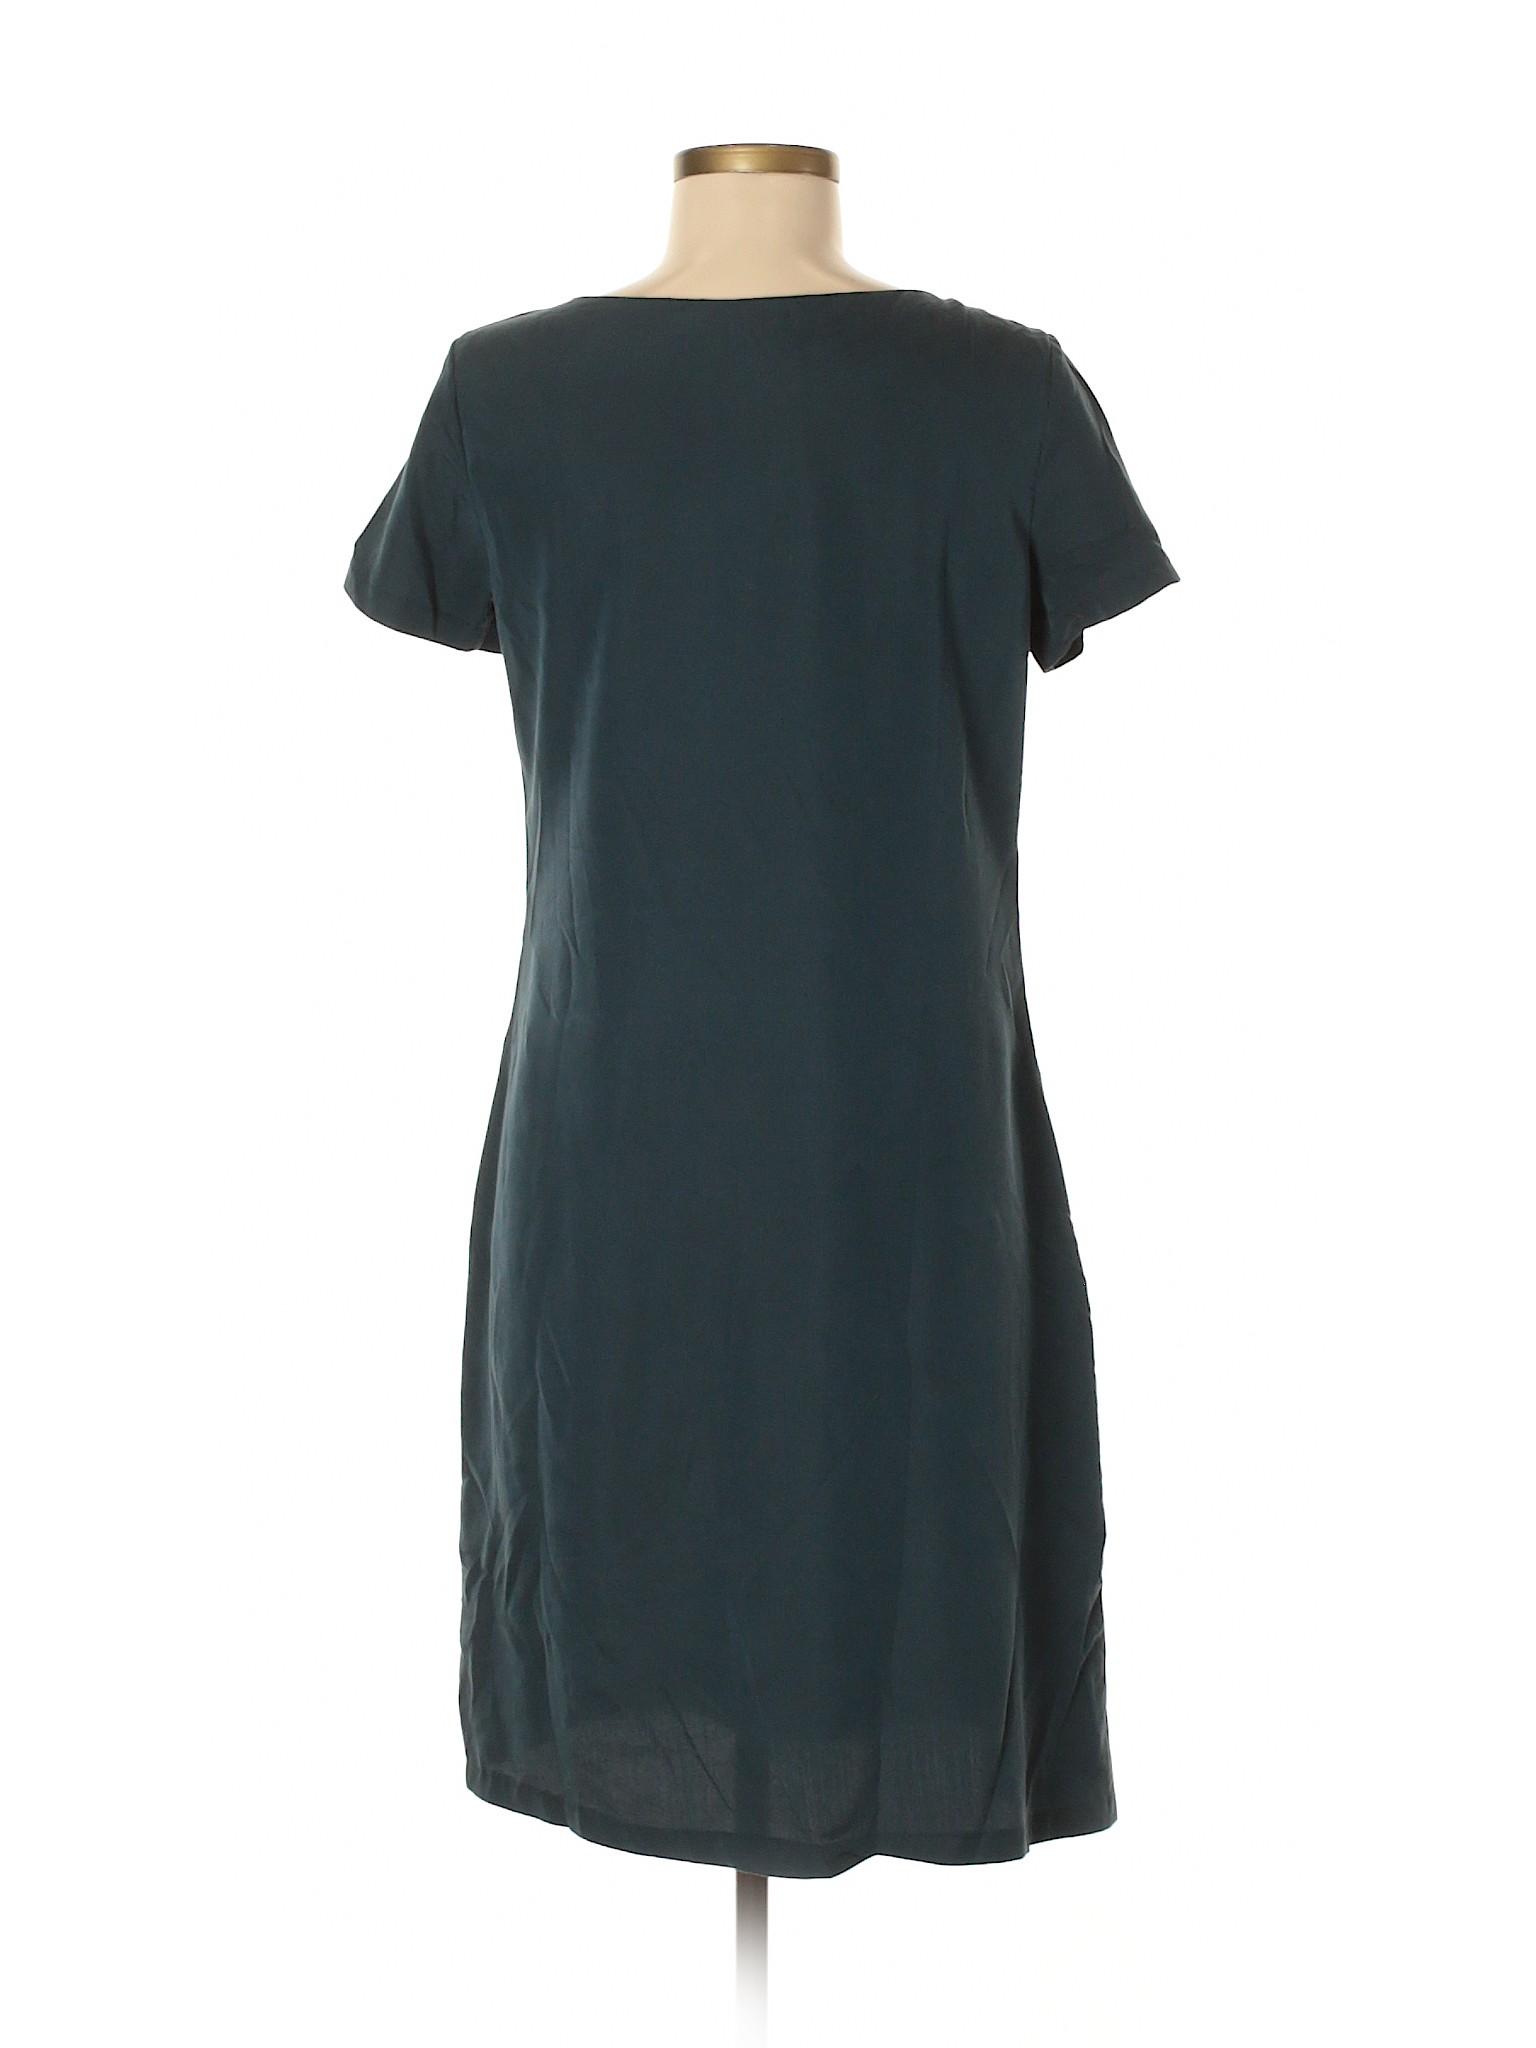 Dress Dress Casual Casual Sharagano Selling Sharagano Selling Casual Selling Sharagano 1BxwXtzqx